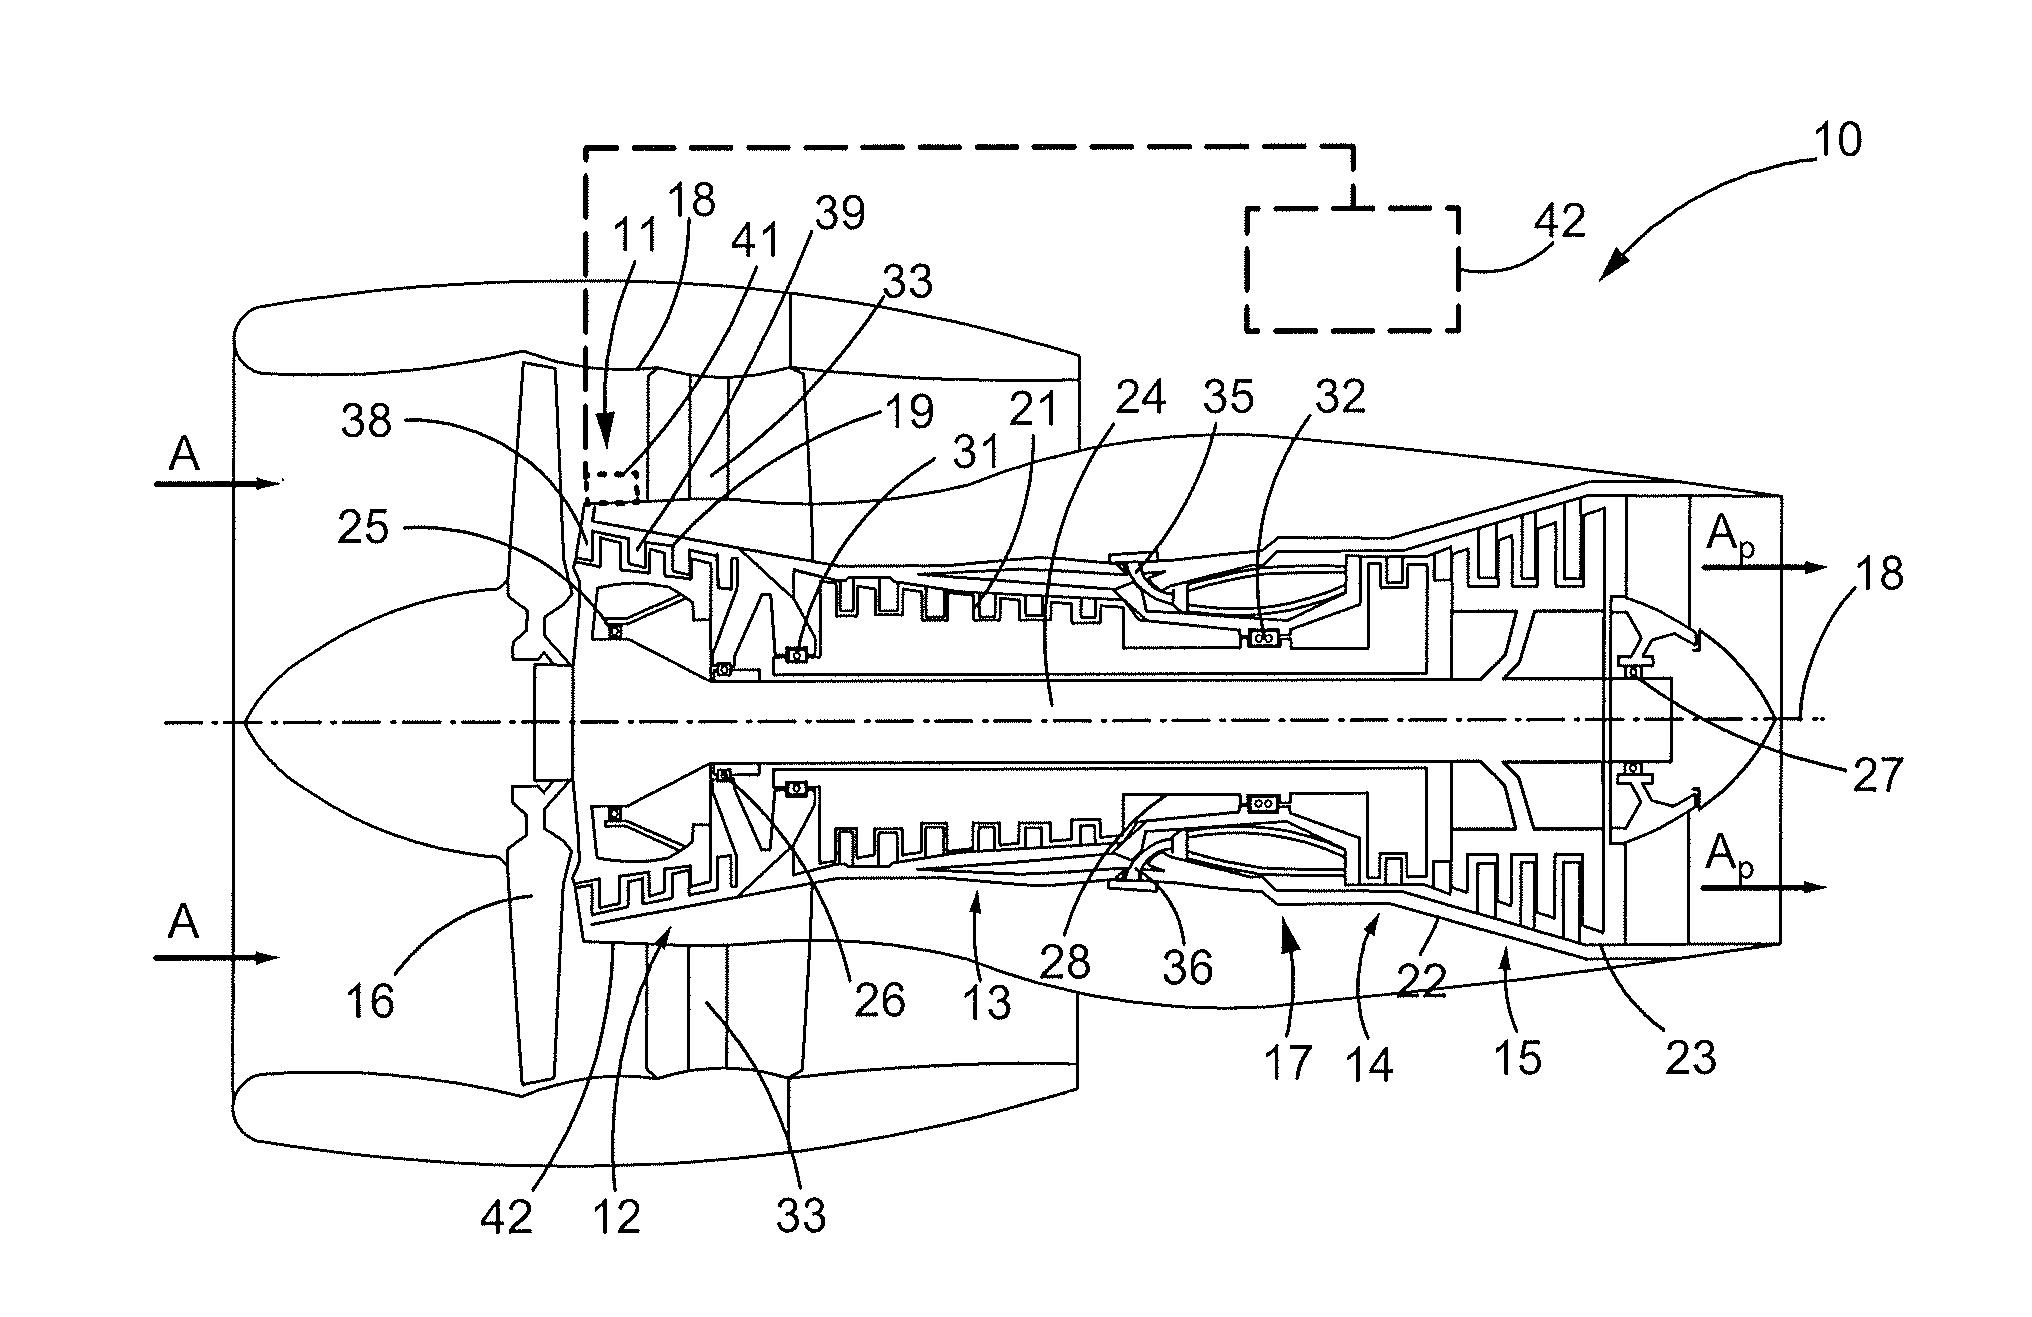 Jt15d Engine Diagram Data Schema Turbofan Schematic Continental Wiring Pw2000